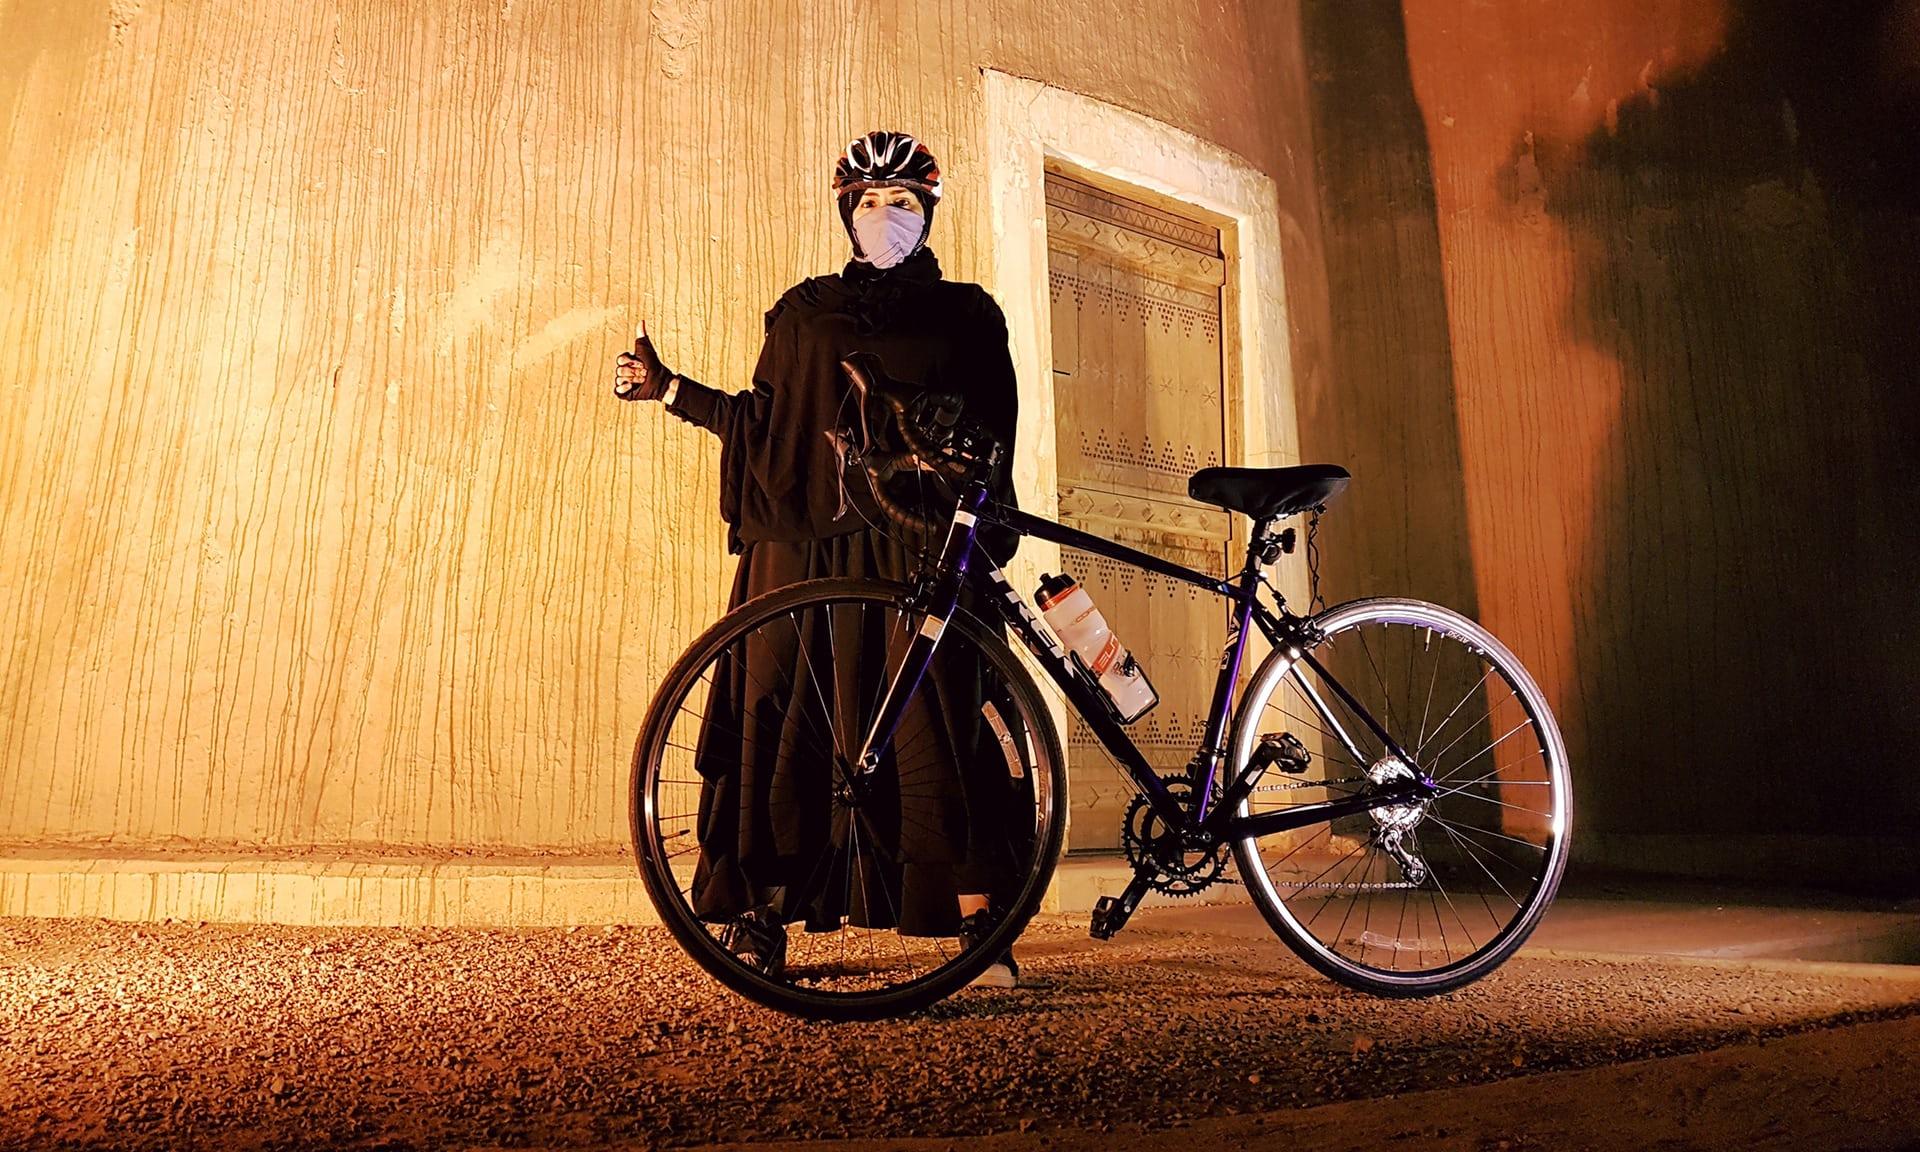 Bisiklete binmek ve Suudi Arabistan'da kadın hakları mücadelesi